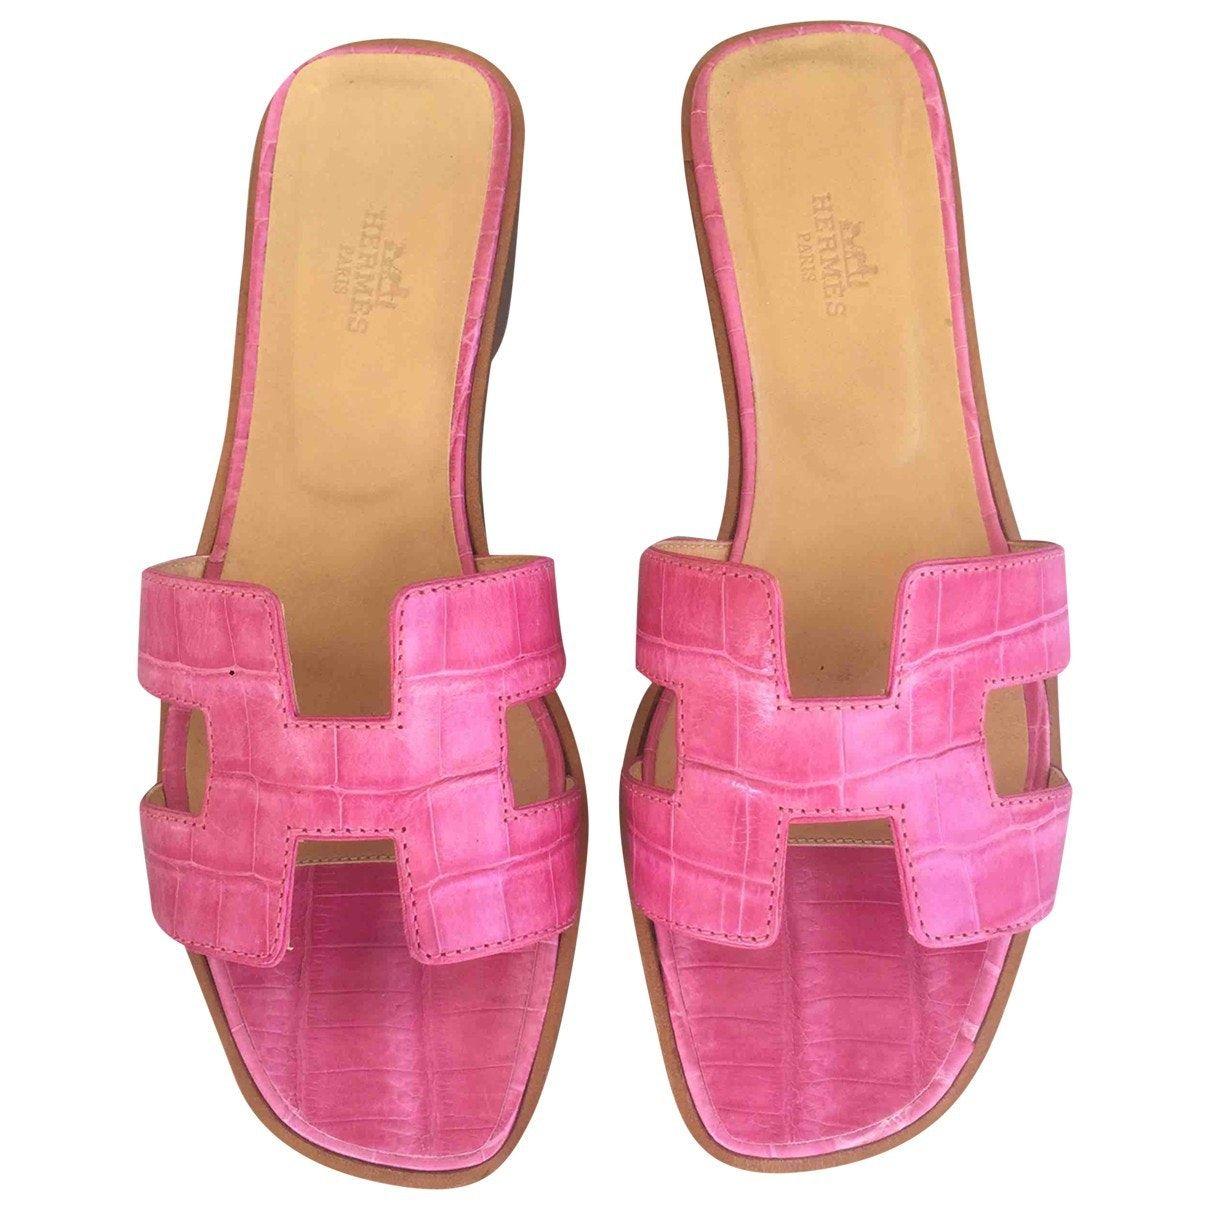 Image result for women-shoes sandals hermes pink-crocodile-oran-hermes- sandals b072f354068